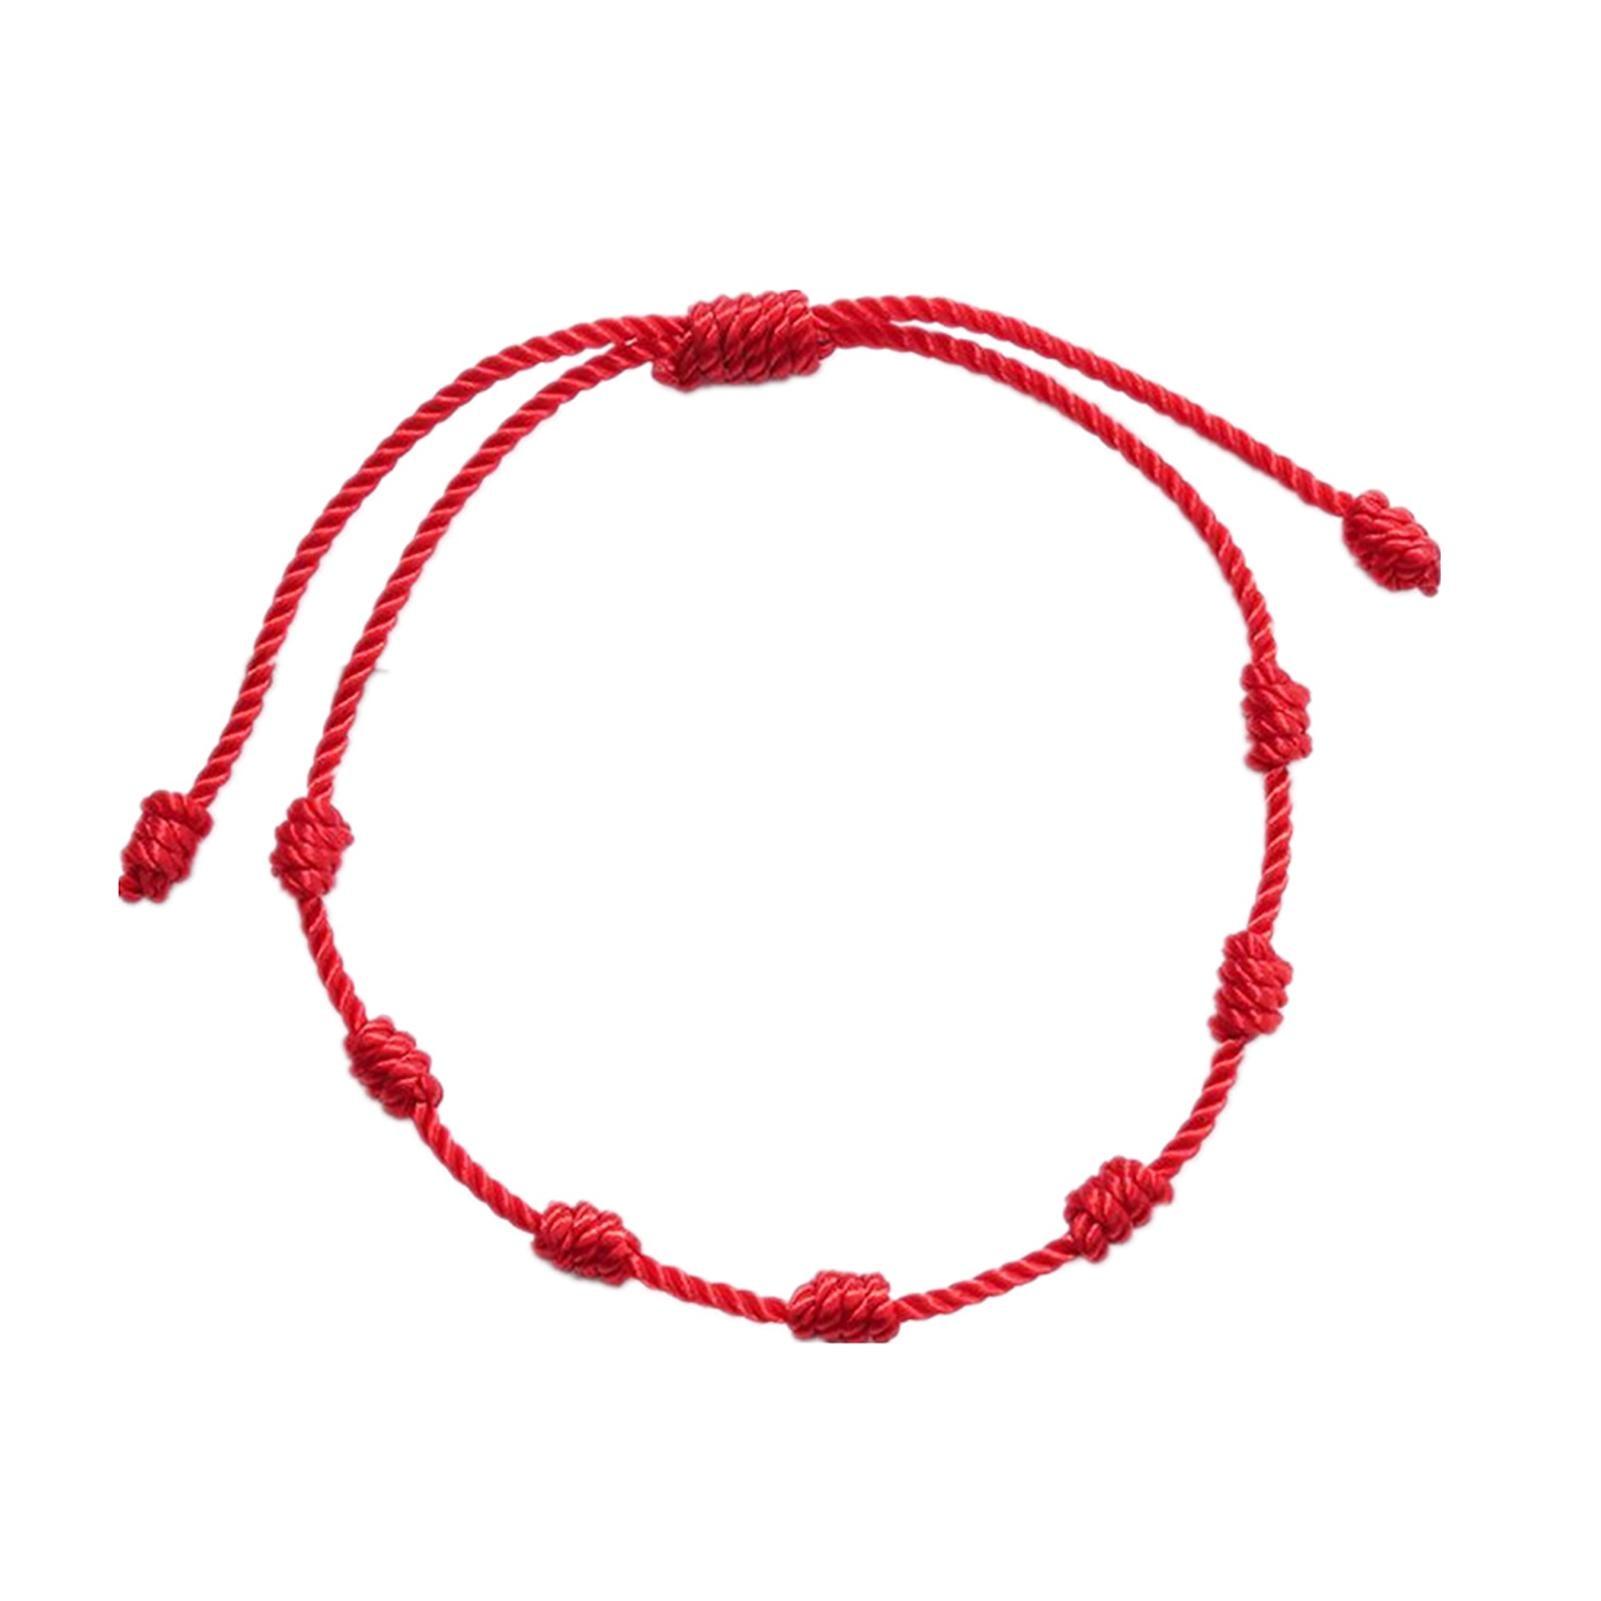 Браслеты на удачу «сглаза и хороший», 2 шт., красные веревочные браслеты с 7 узлами, защитный веревочный амулет, новогодний подарок, браслеты ...